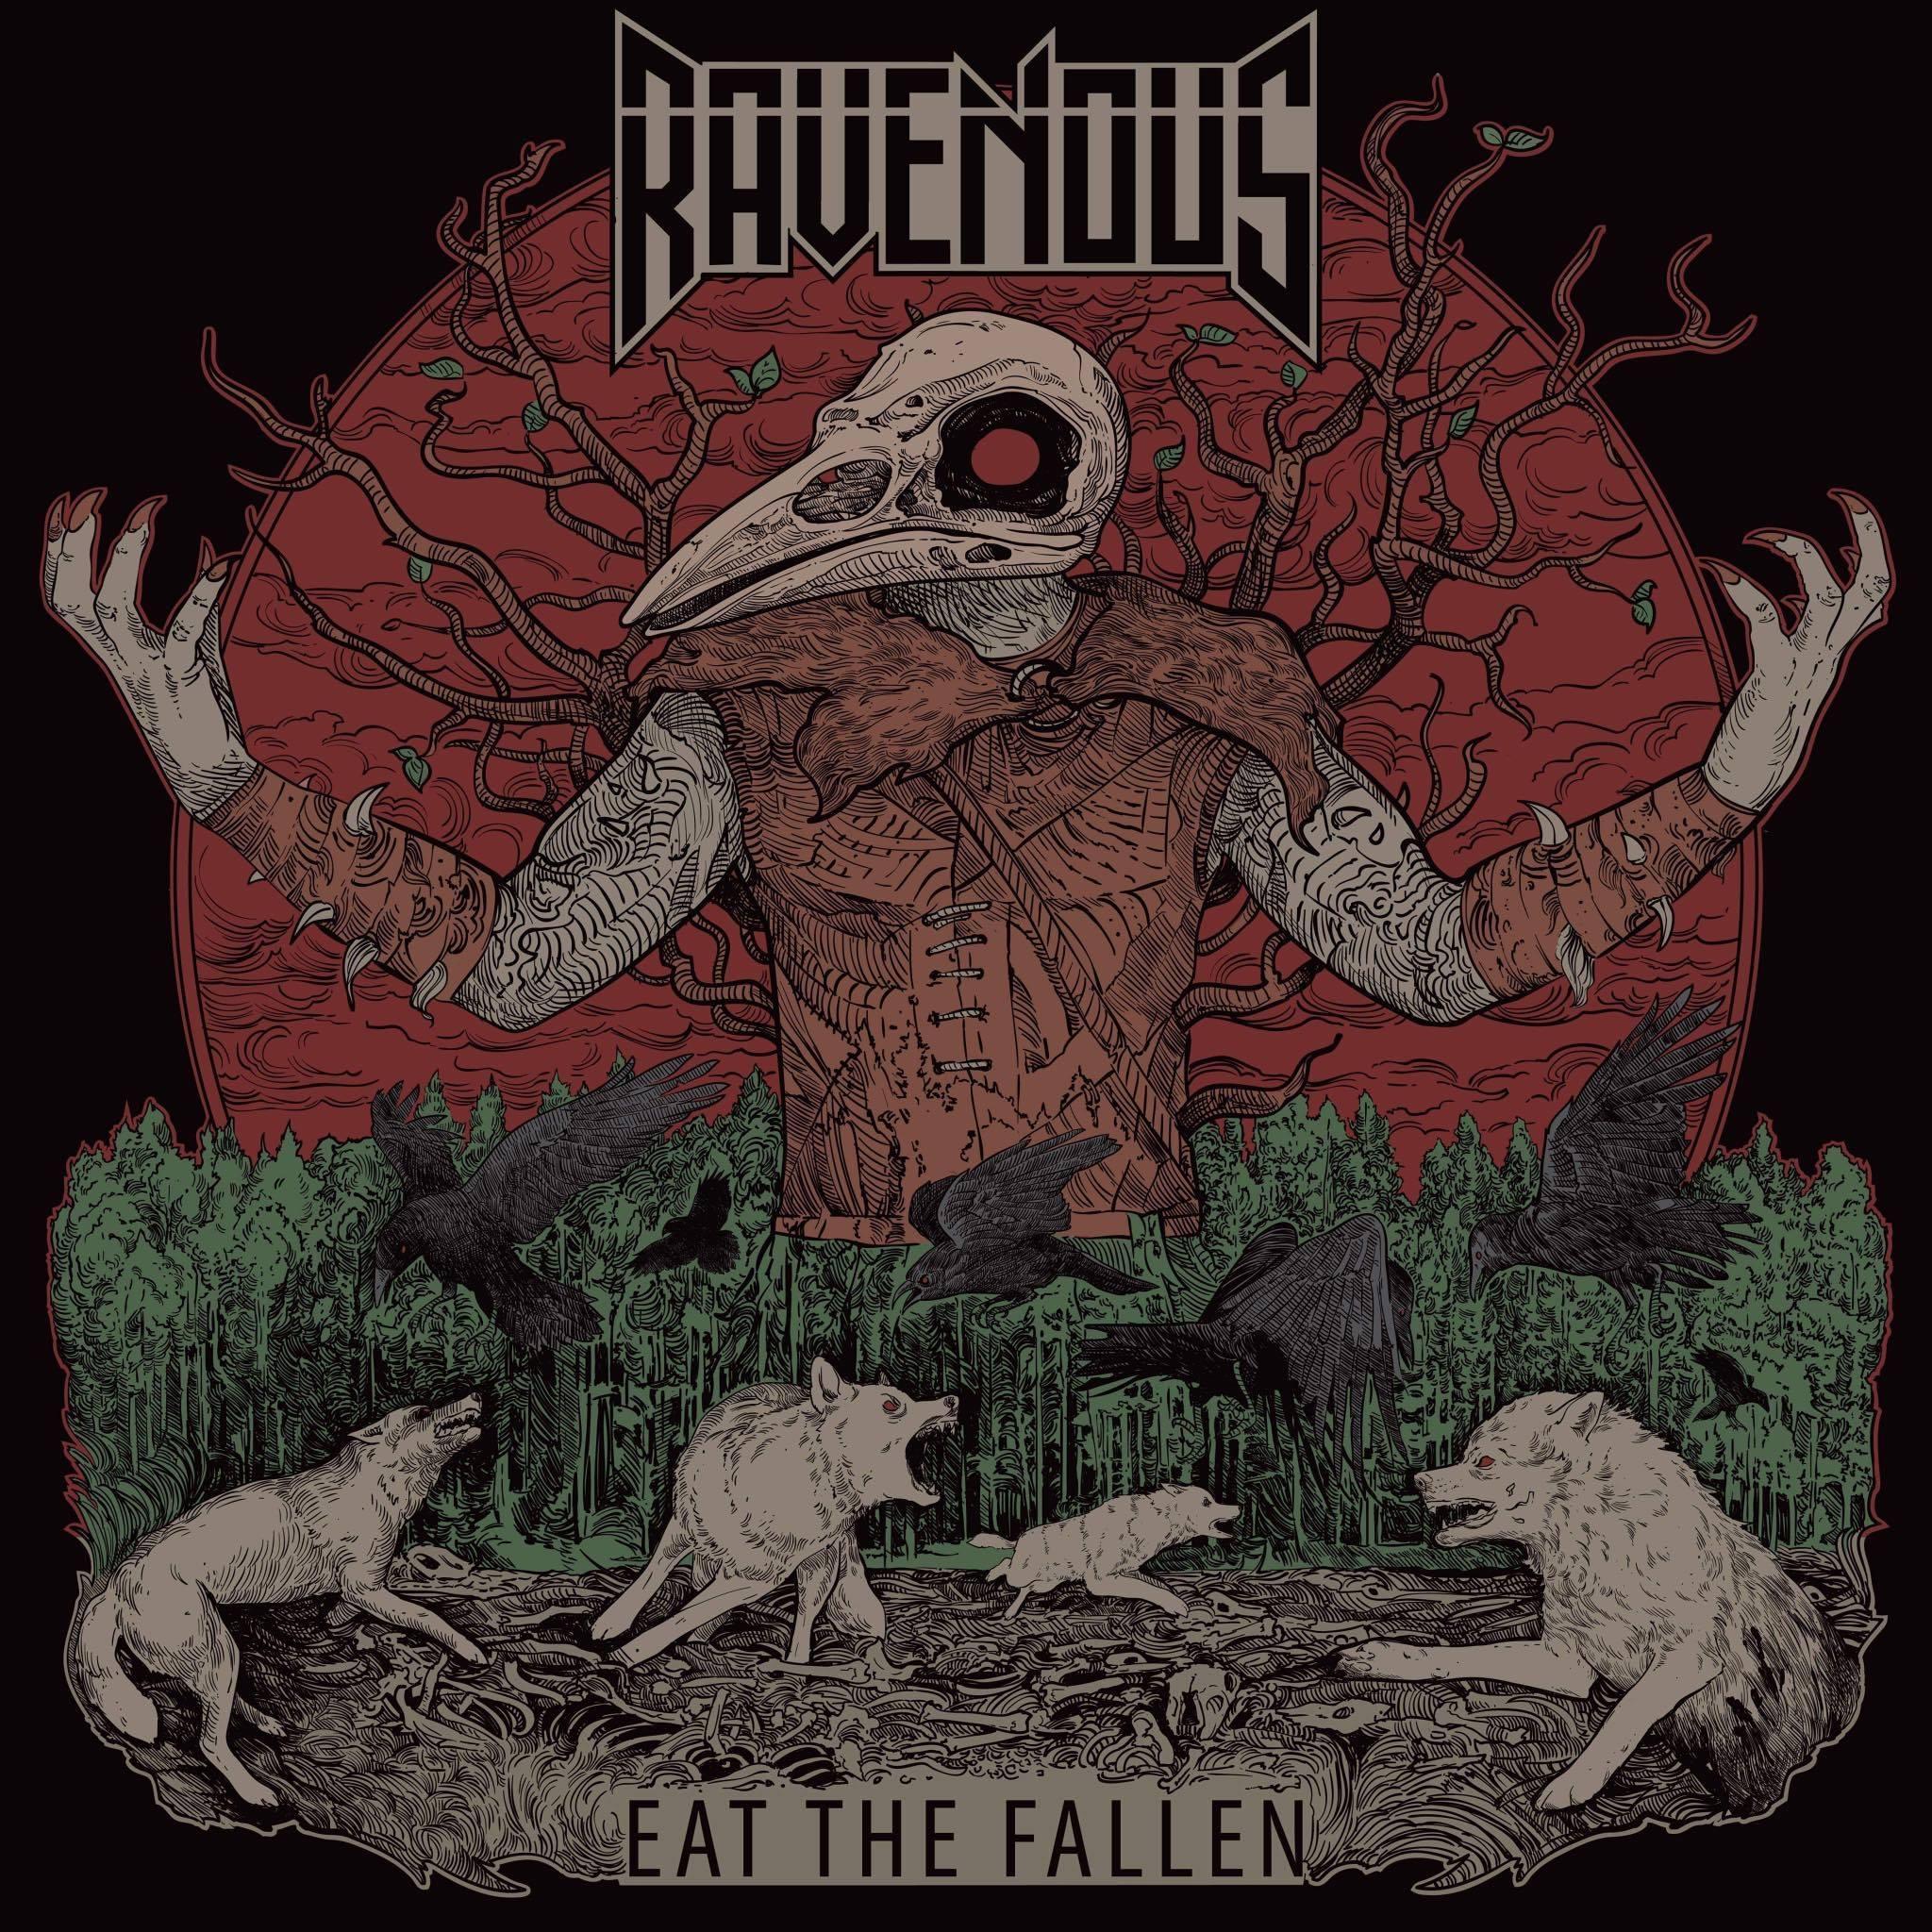 Ravenous - Eat the Fallen (CD)